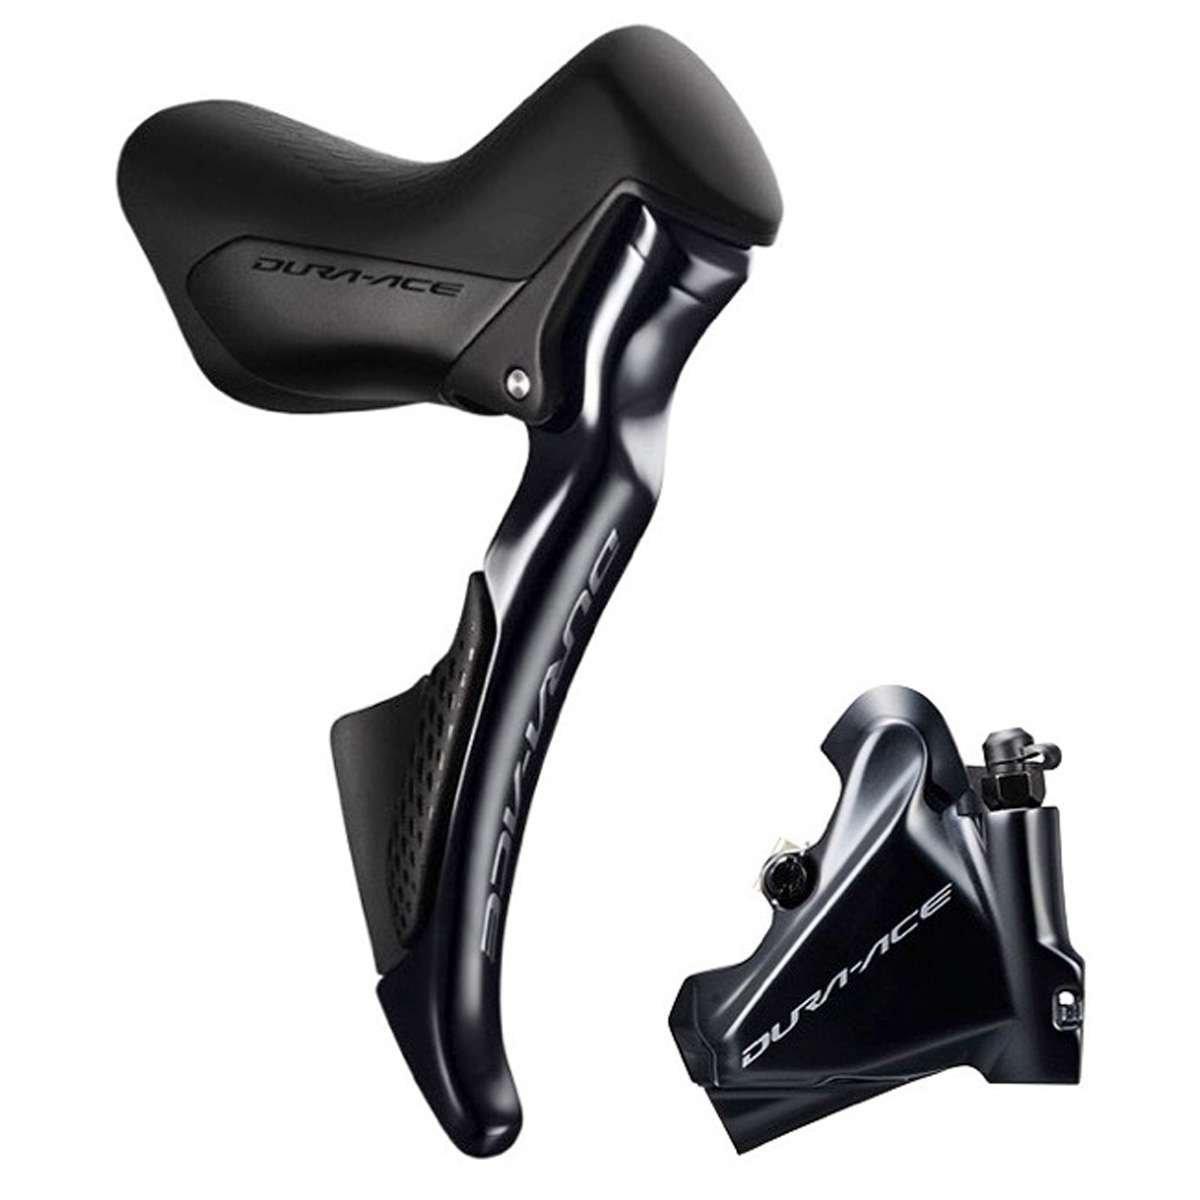 Shimanoシマノdi2 11 x 2-speed自転車シフト/ブレーキレバー – st-r9170 Right/Rear ブラック B074X8K12H